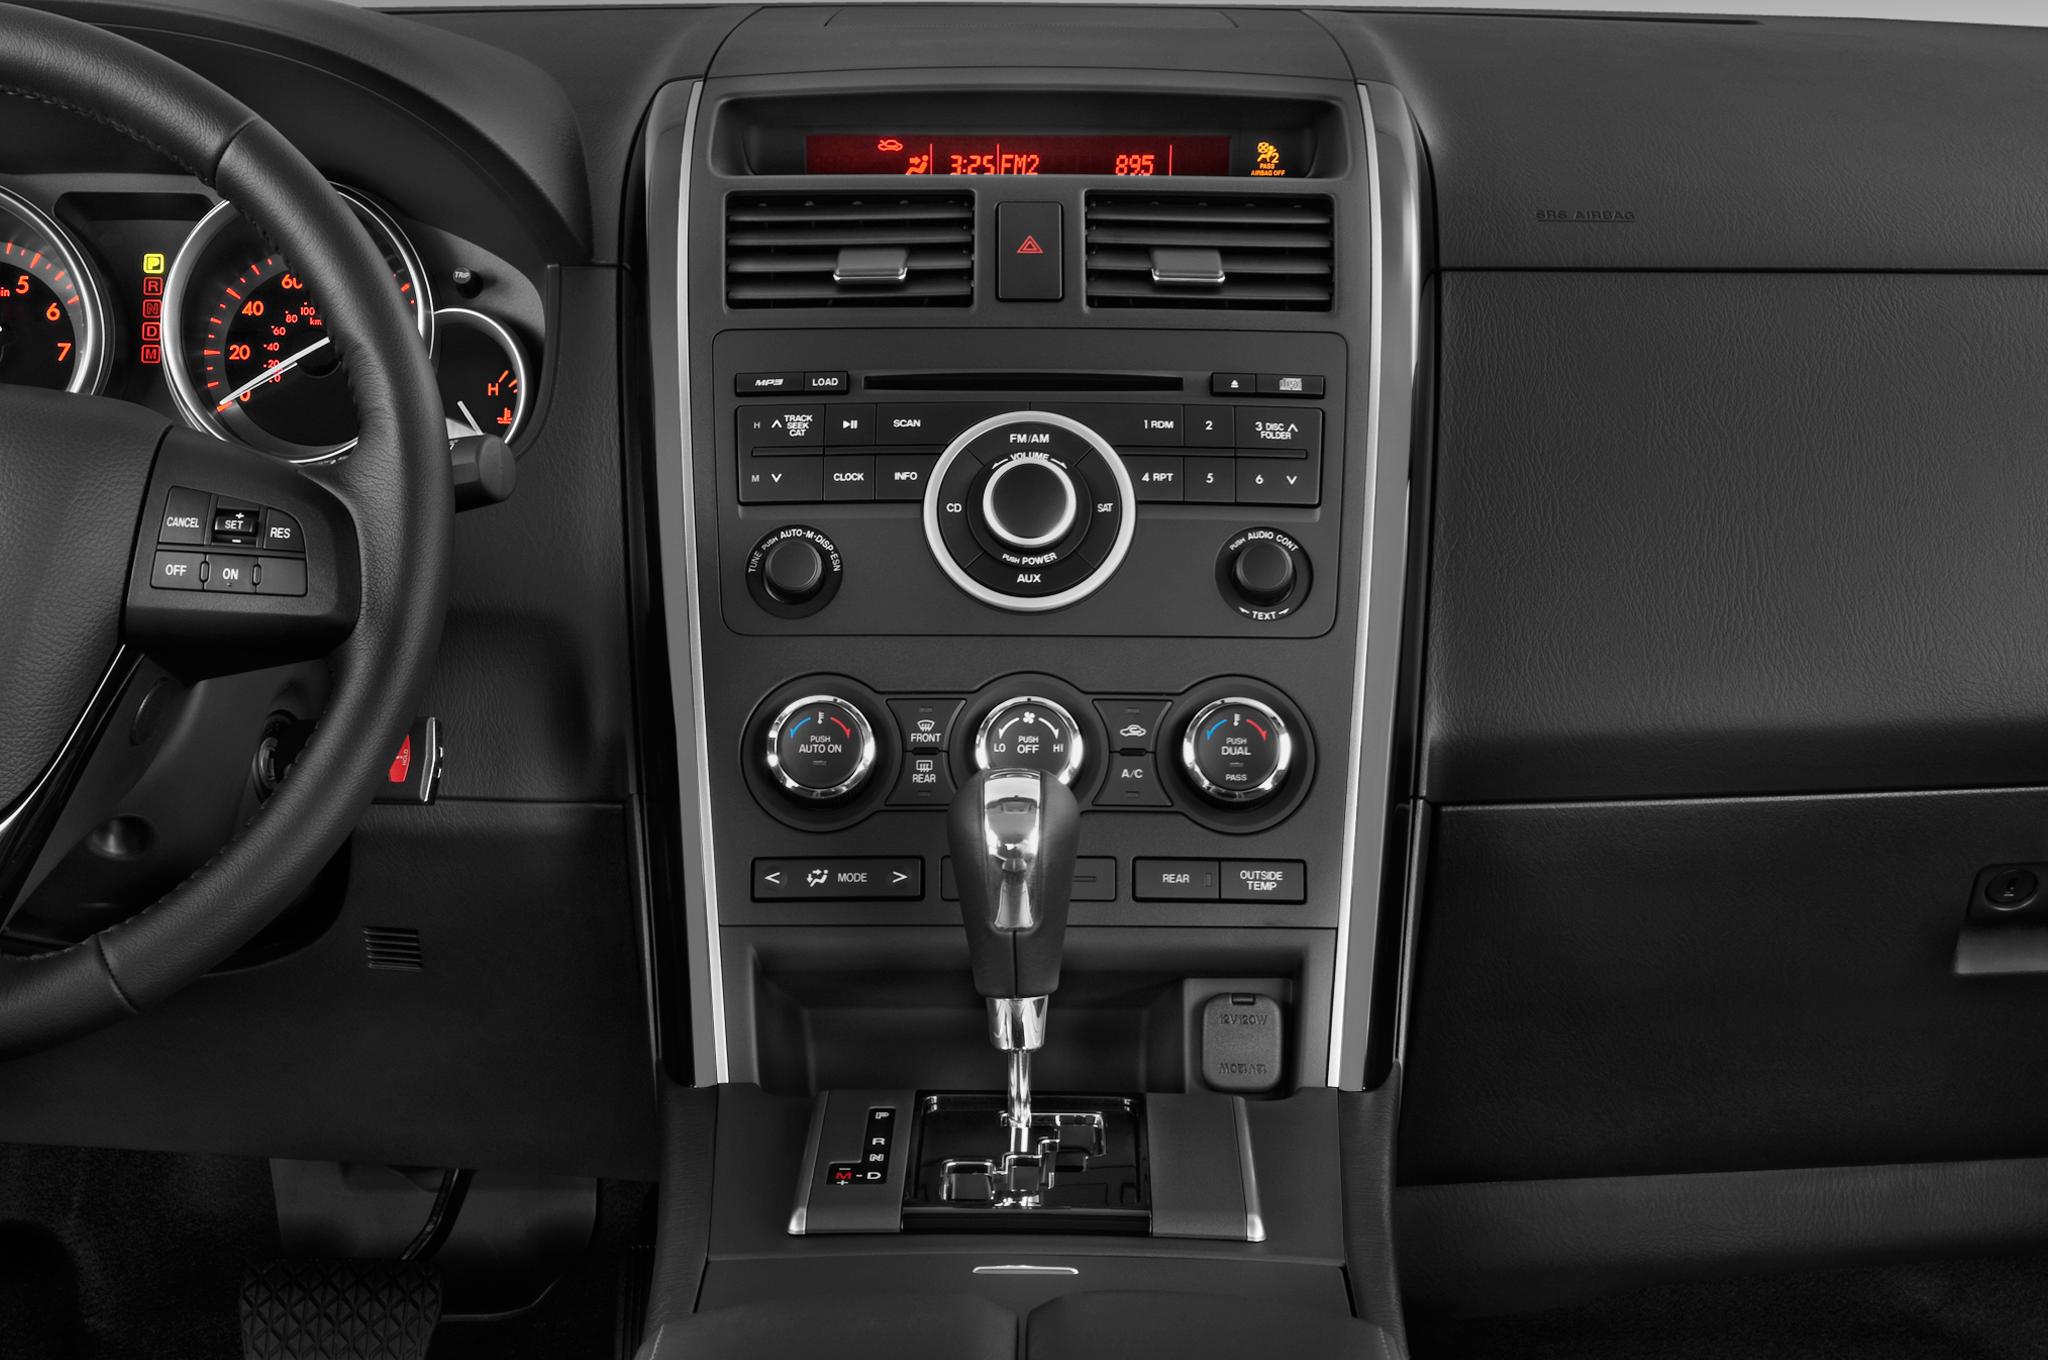 Twin City Mazda >> 2010 Mazda CX-9 Grand Touring - Mazda Crossover SUV Review - Automobile Magazine